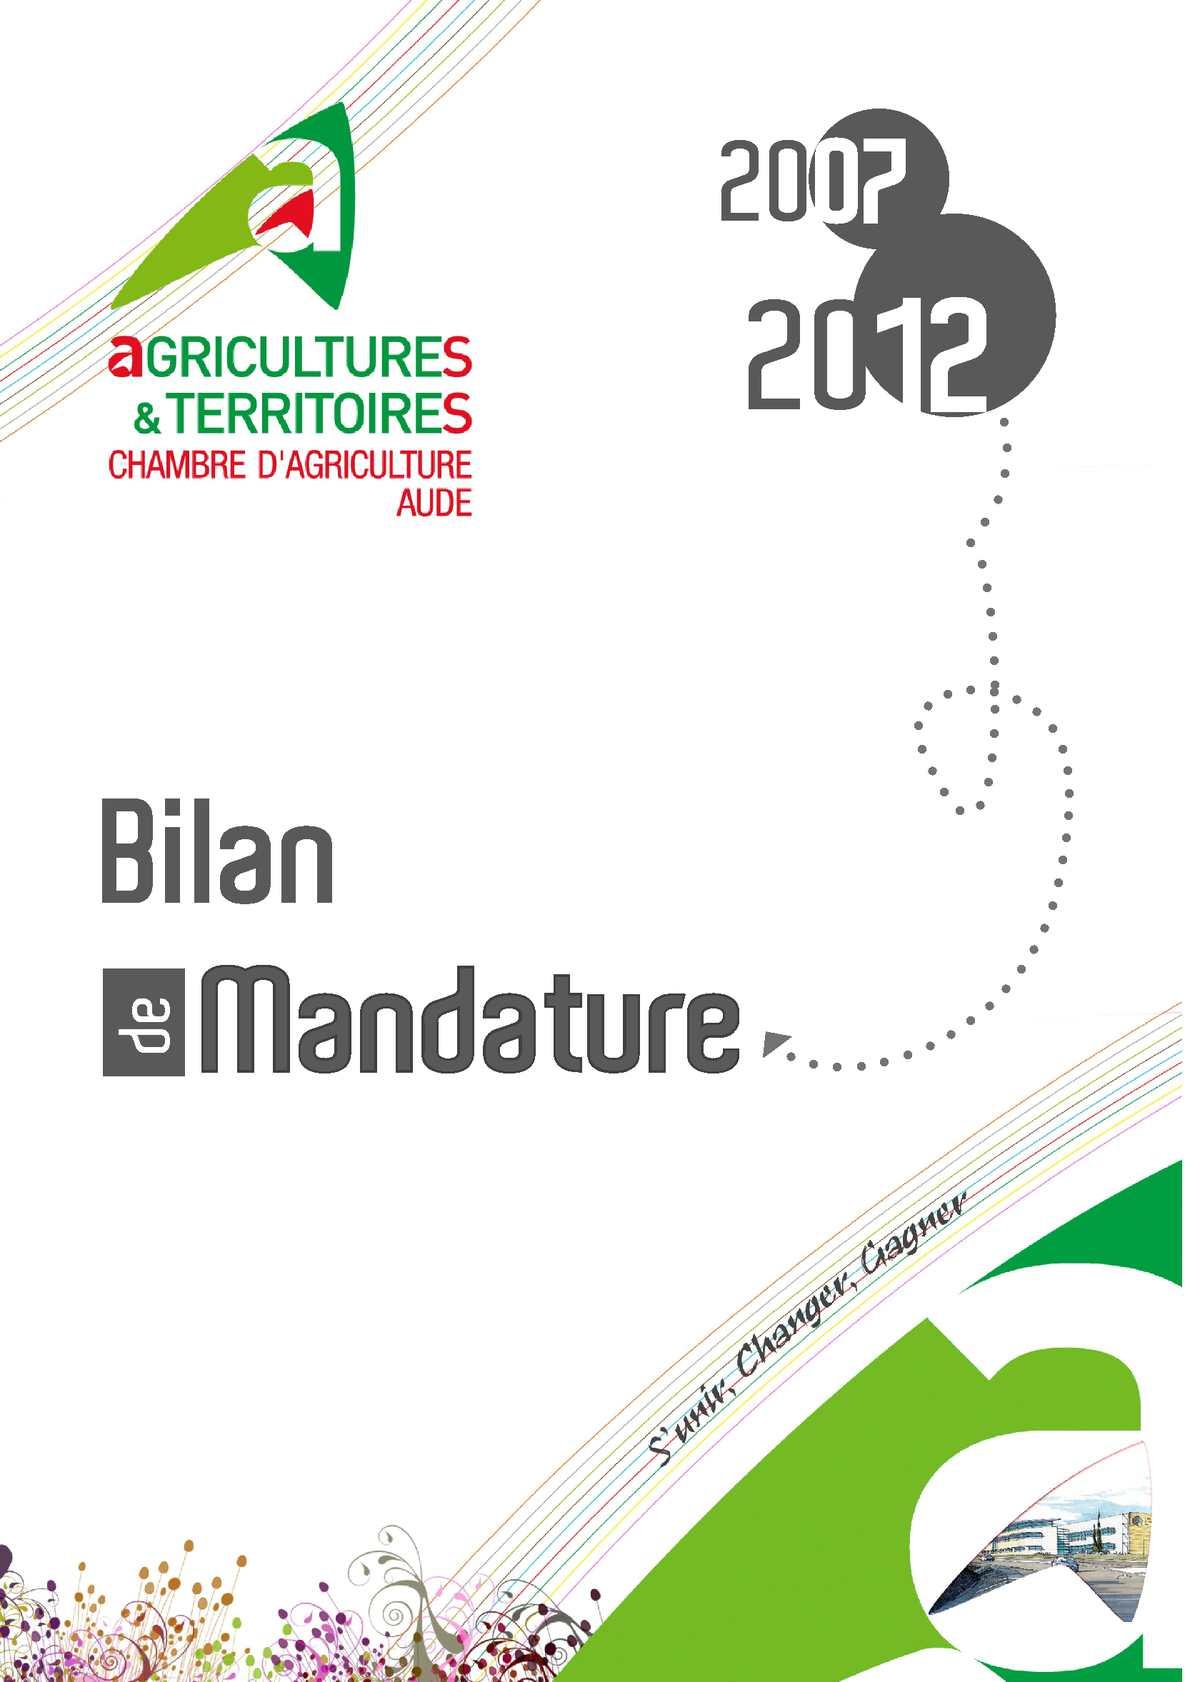 Calam o bilan mandature 2007 2012 - Chambre d agriculture 44 ...